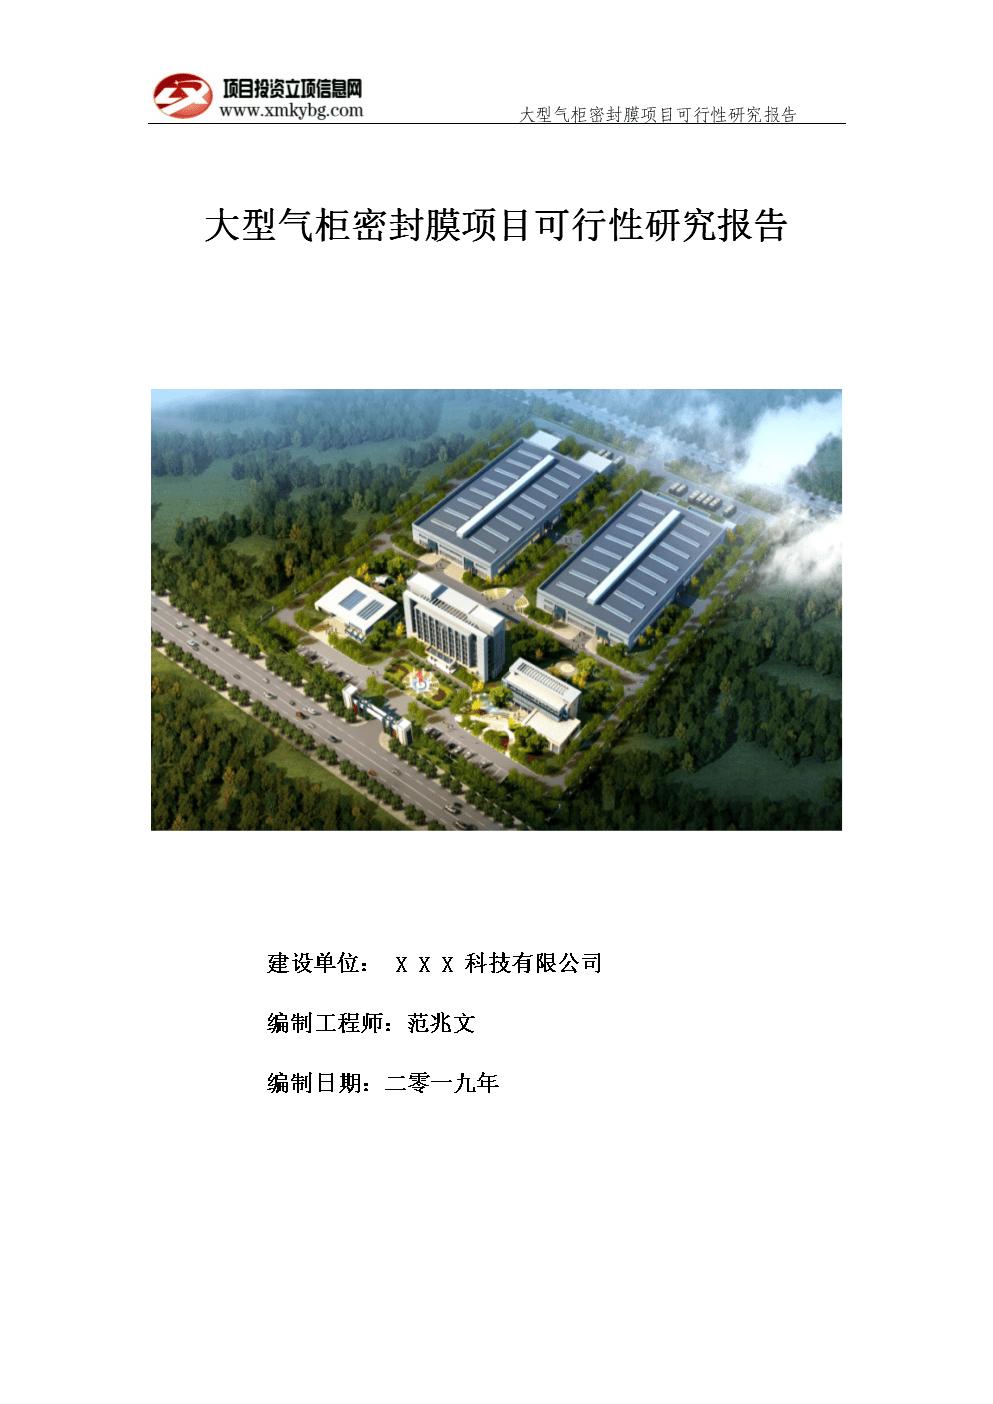 大型气柜密封膜项目可行性研究报告-用于备案立项.doc